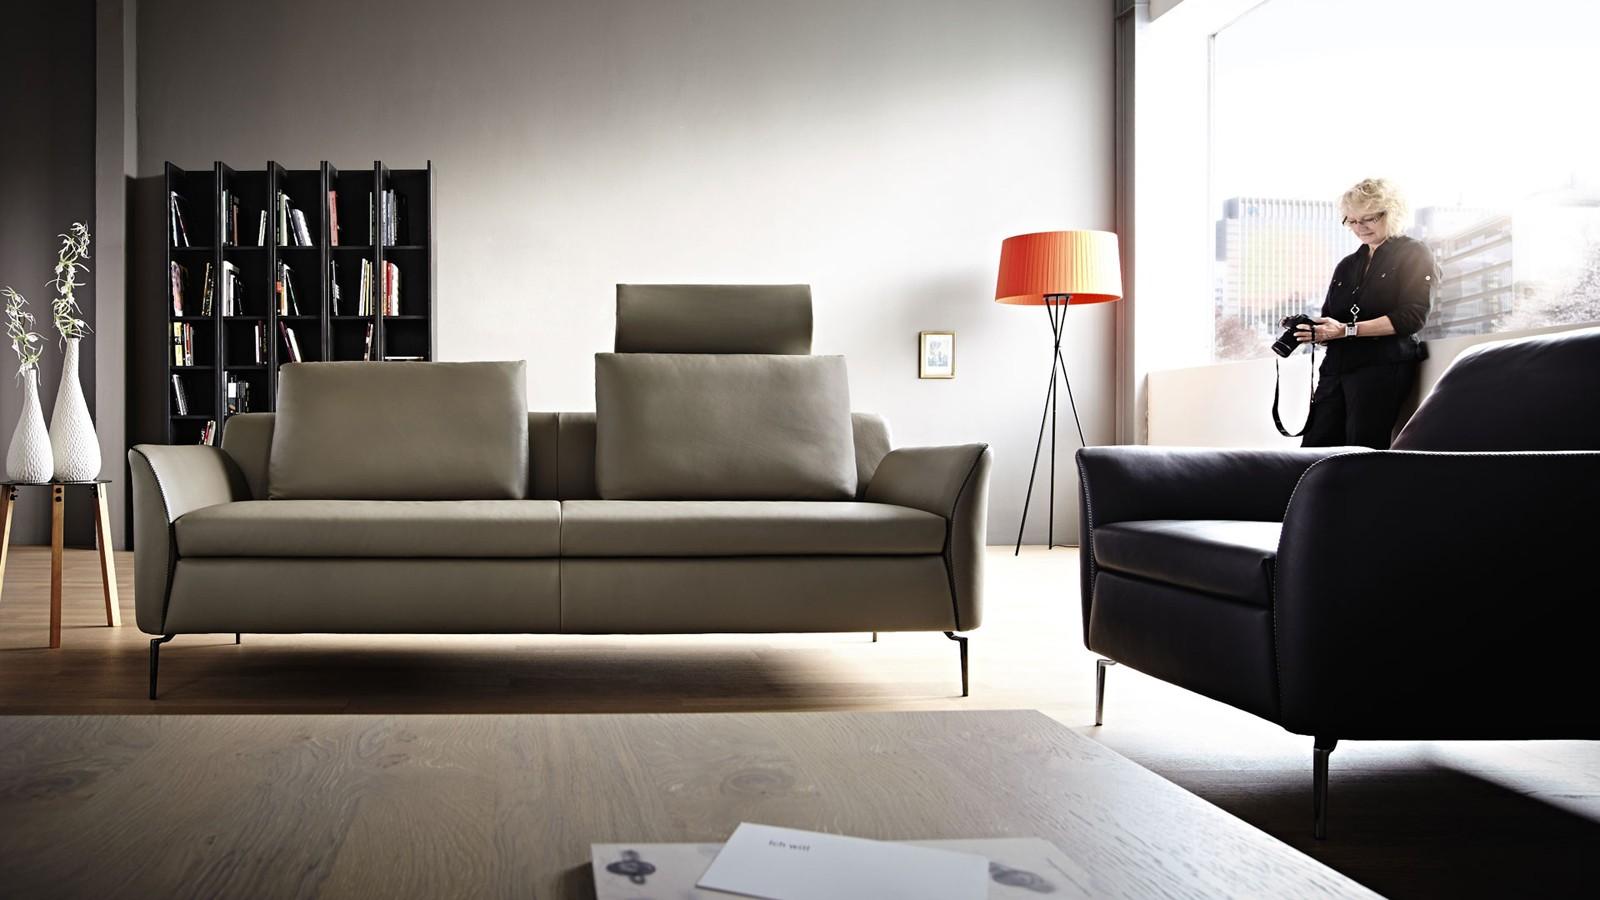 Canapea modernă Koinor Fame